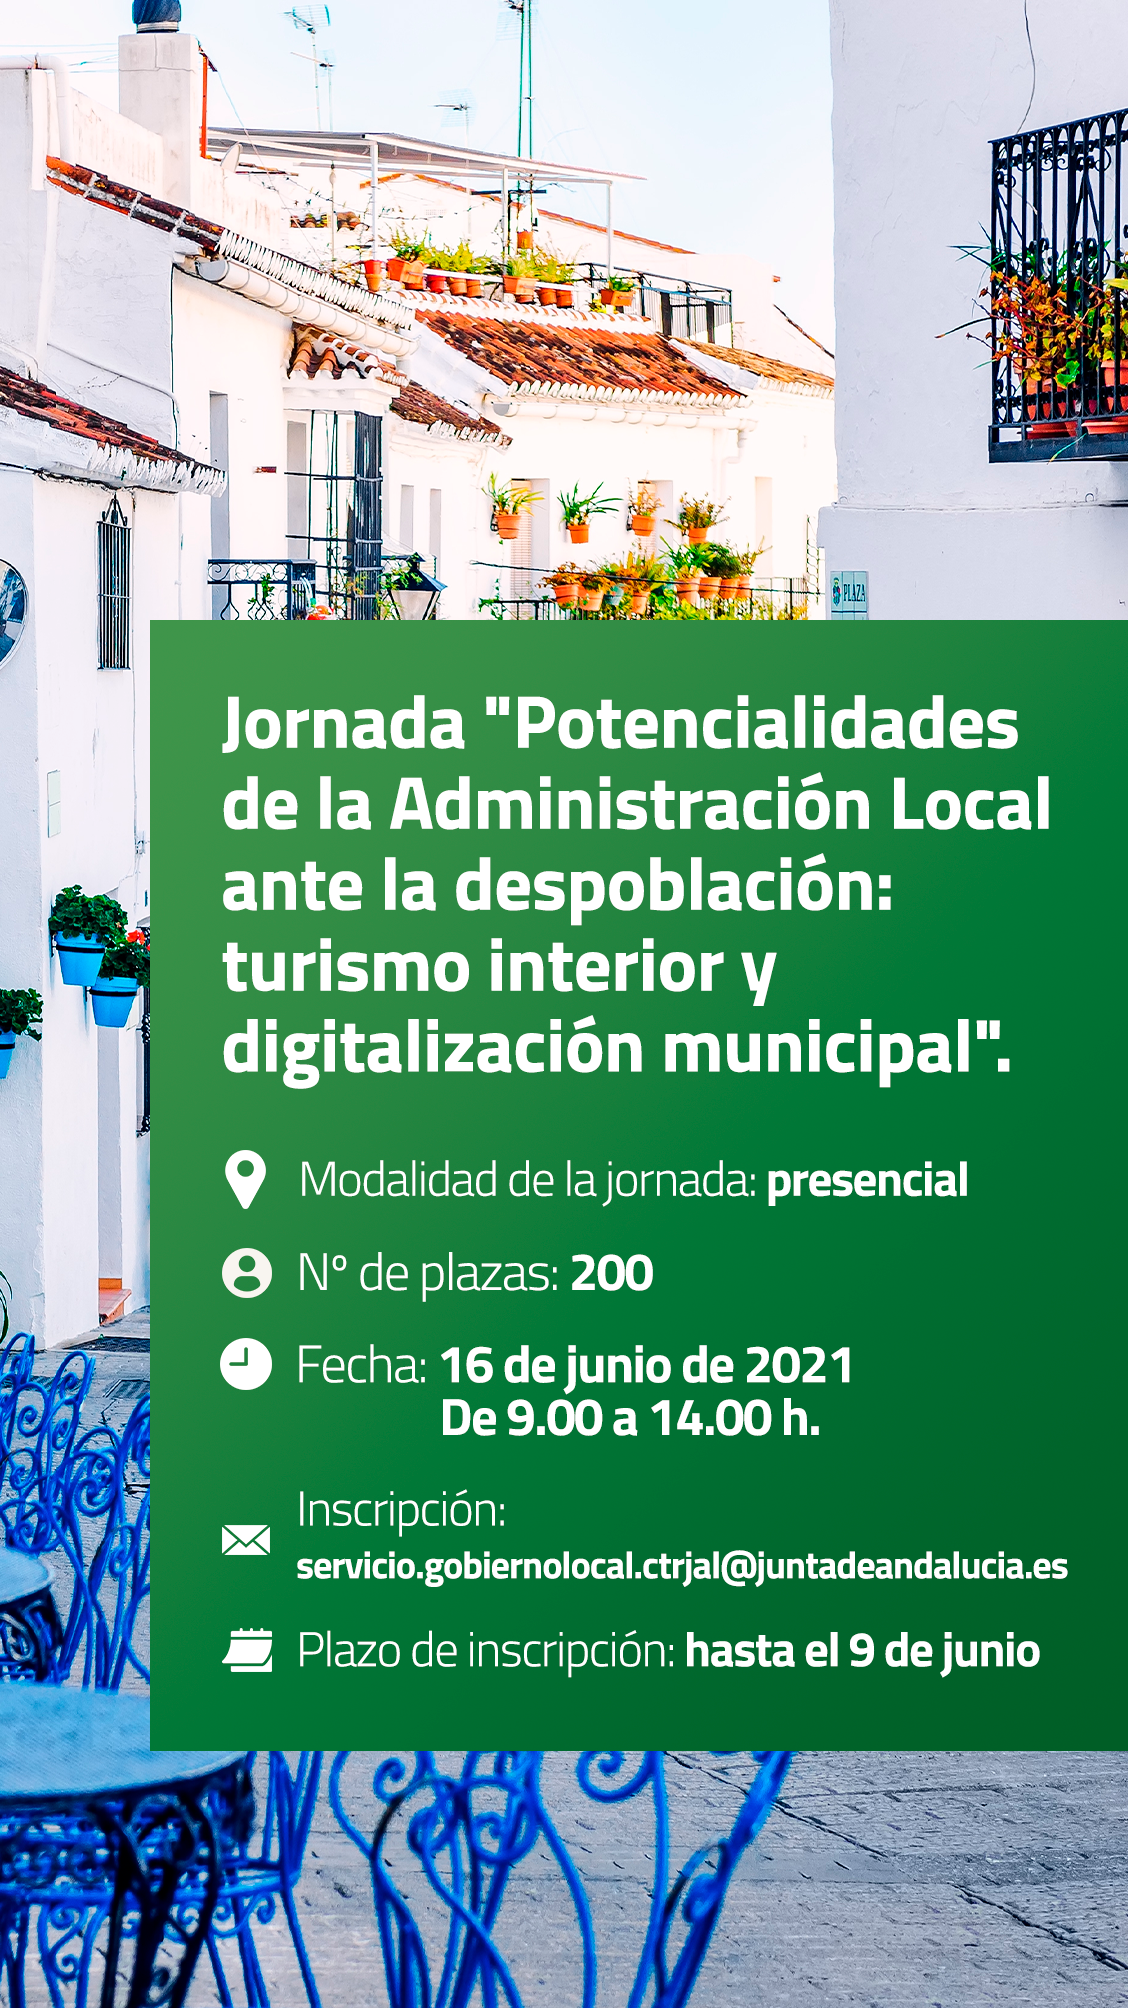 """Jornada """"Potencialidades de la Administración Local ante la despoblación: turismo interior y digitalización municipal""""."""